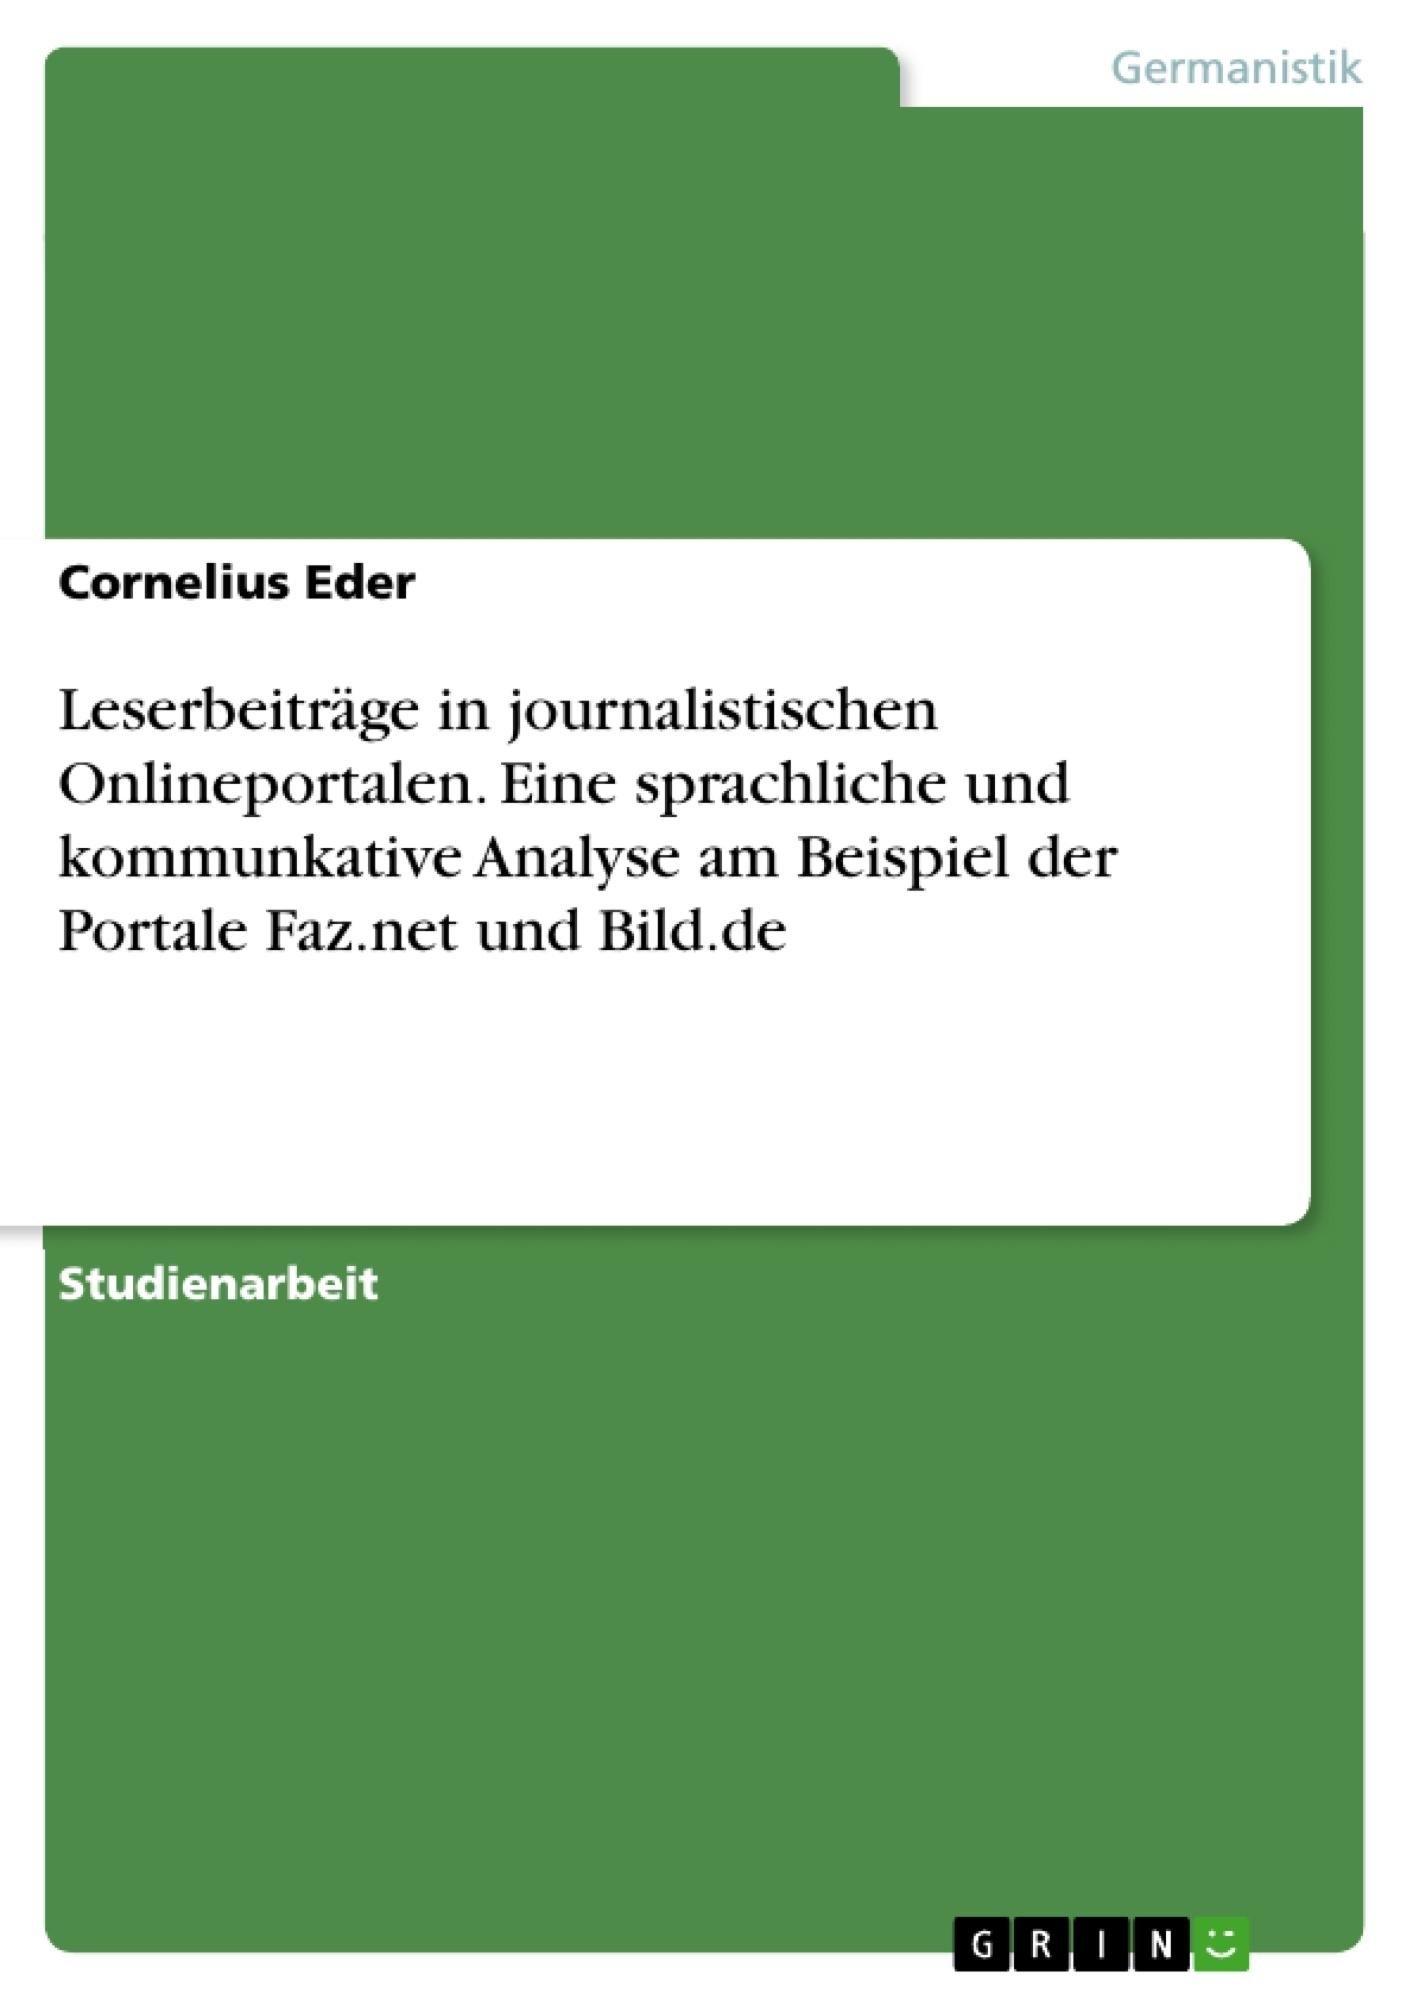 Titel: Leserbeiträge in journalistischen Onlineportalen. Eine sprachliche und kommunkative Analyse am Beispiel der Portale Faz.net und Bild.de